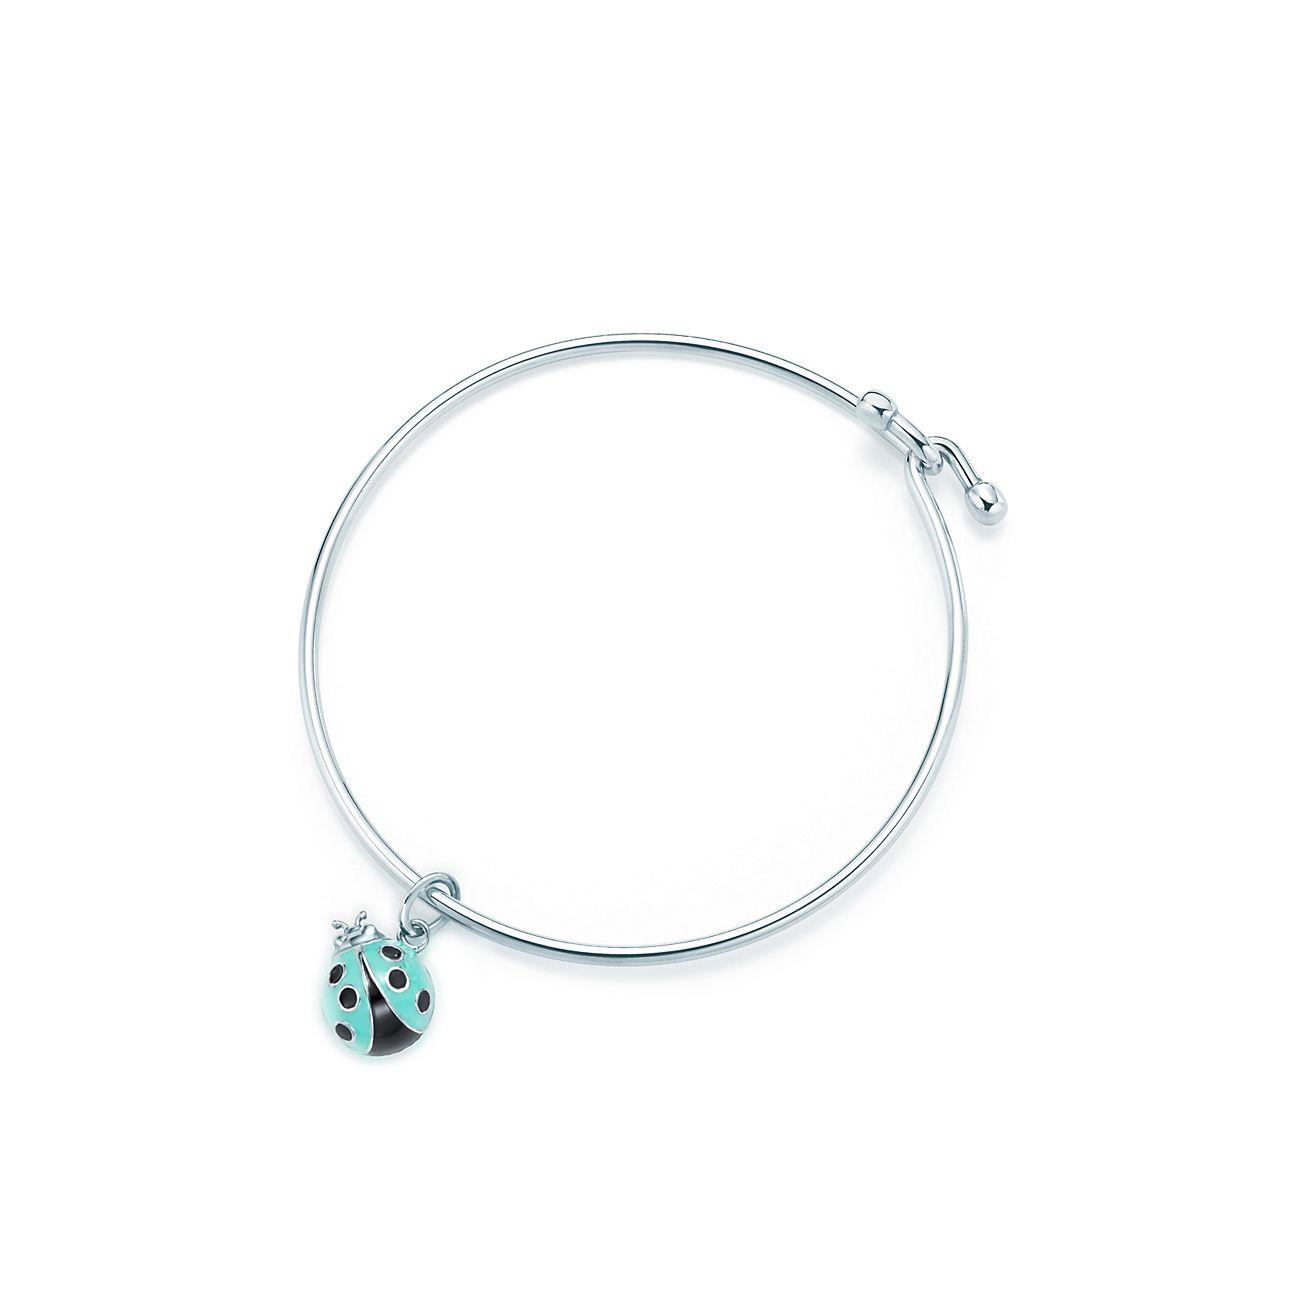 Ladybug Charm And Bracelet